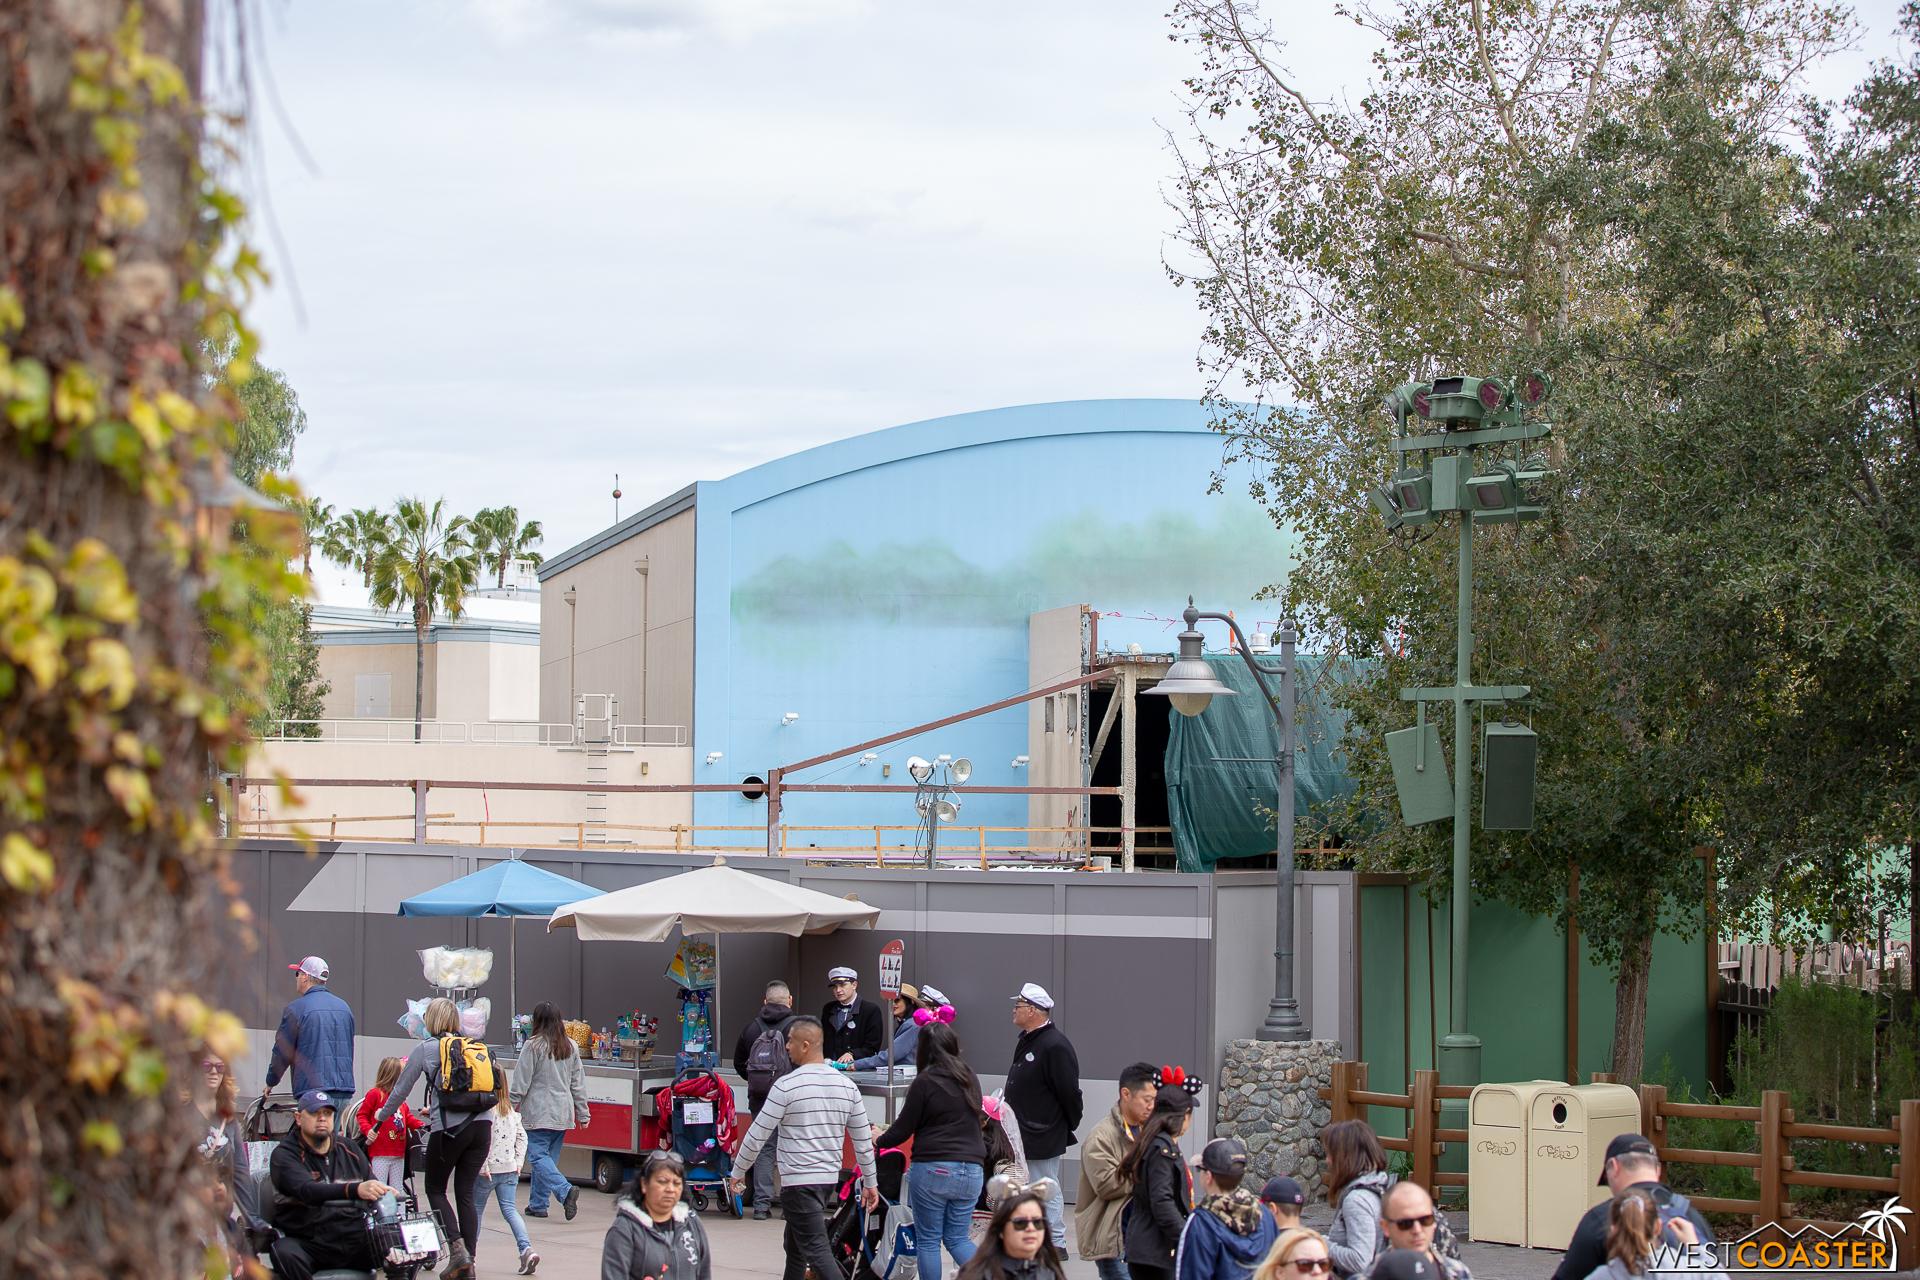 Westcoaster Disneyland Update 2-19-55.jpg